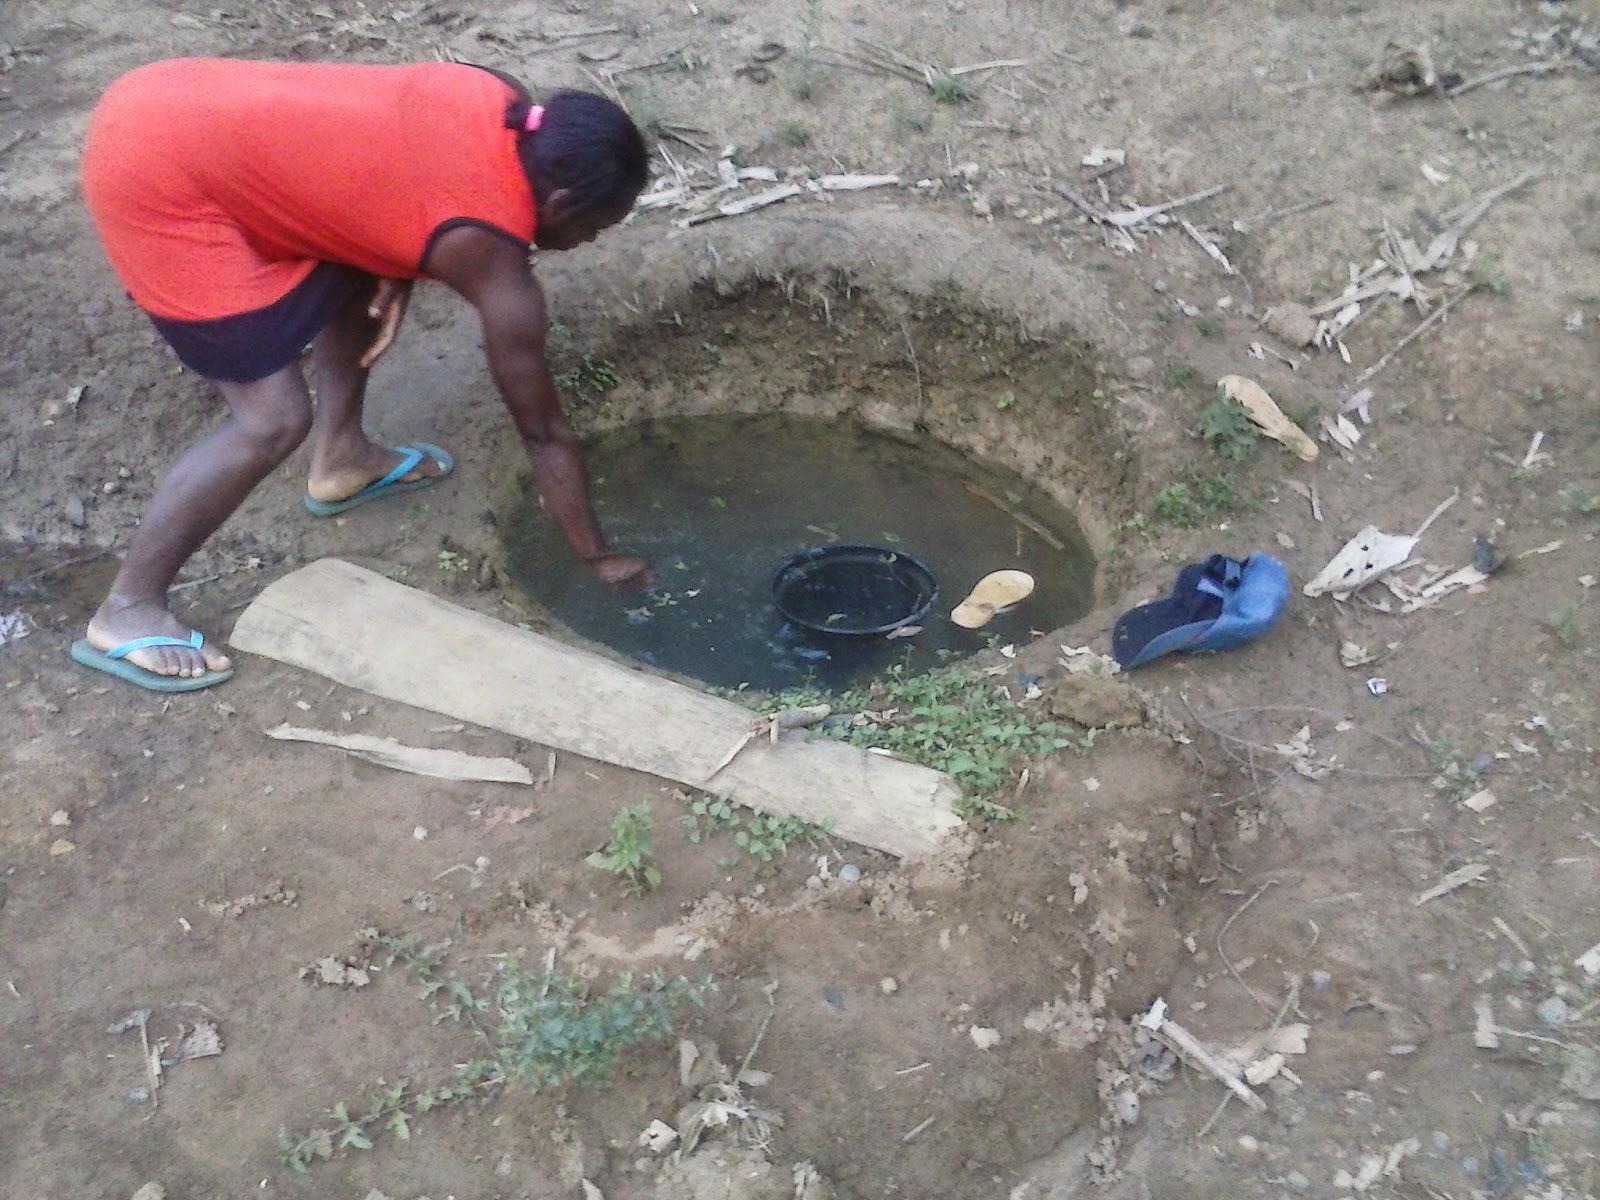 valenca-crianca-de-um-ano-morre-afogada-em-cisterna-no-orobo